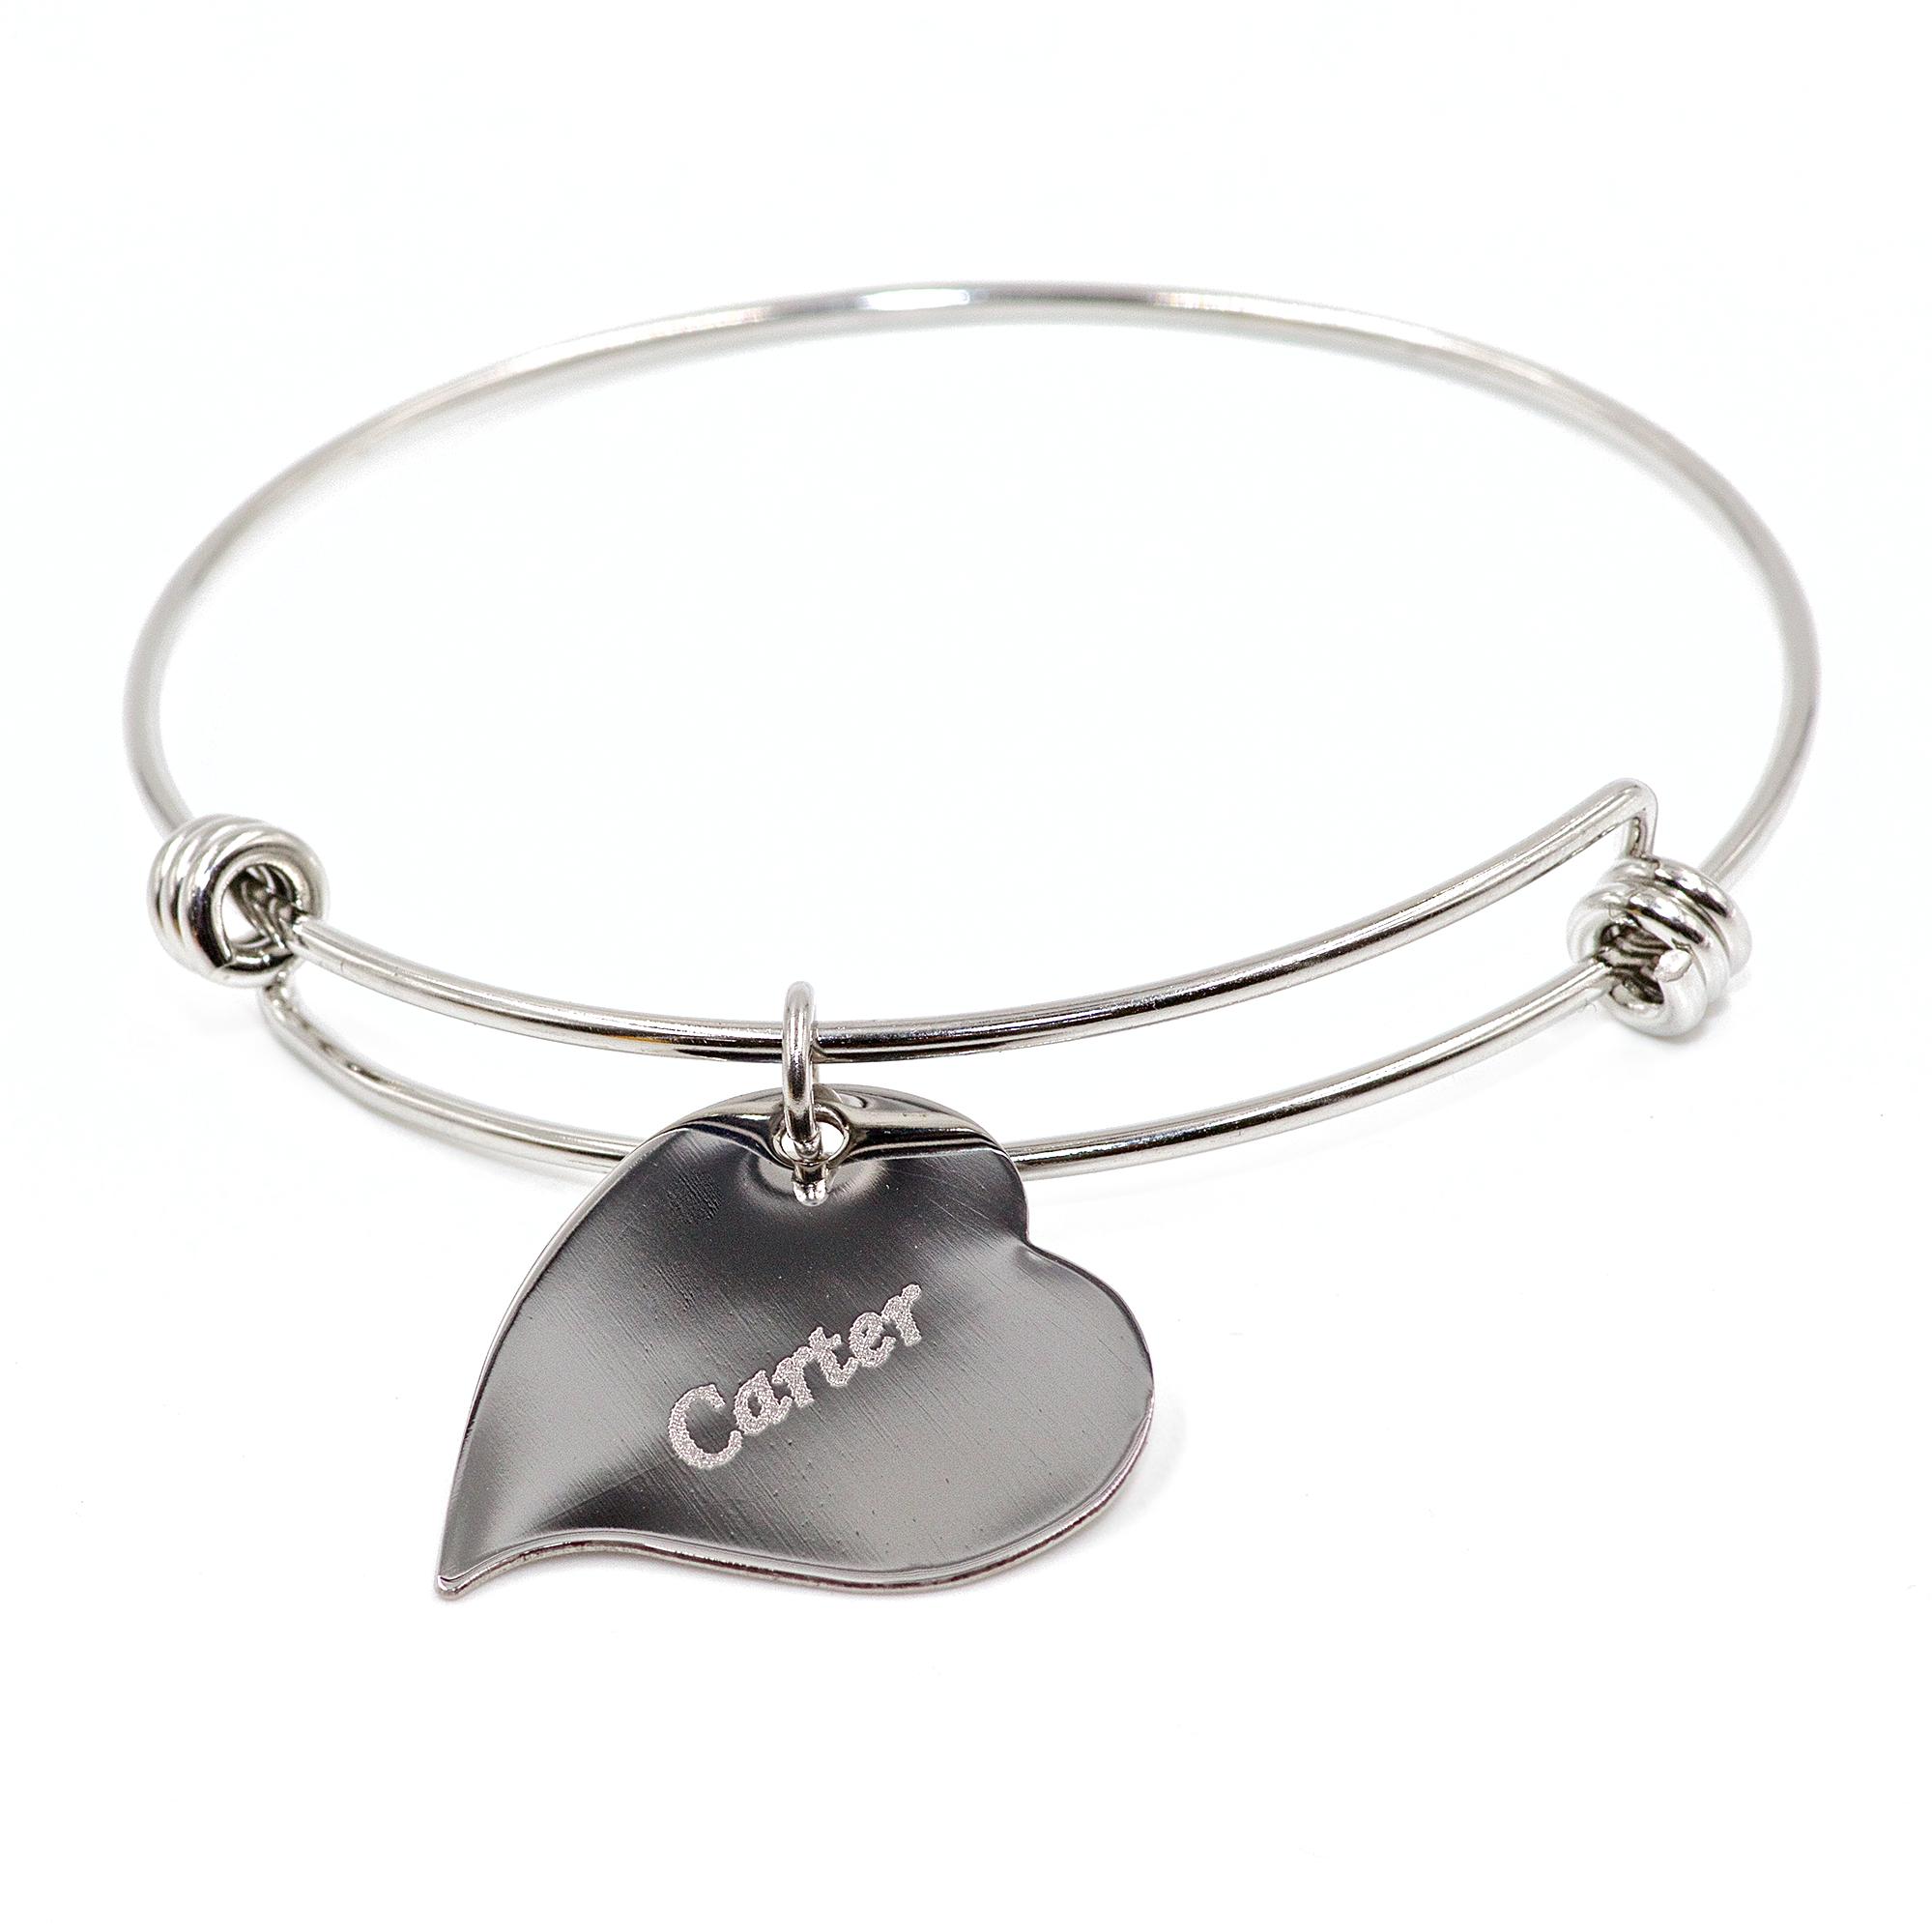 Stainless Steel Heartbeat Charm Bracelet 0006